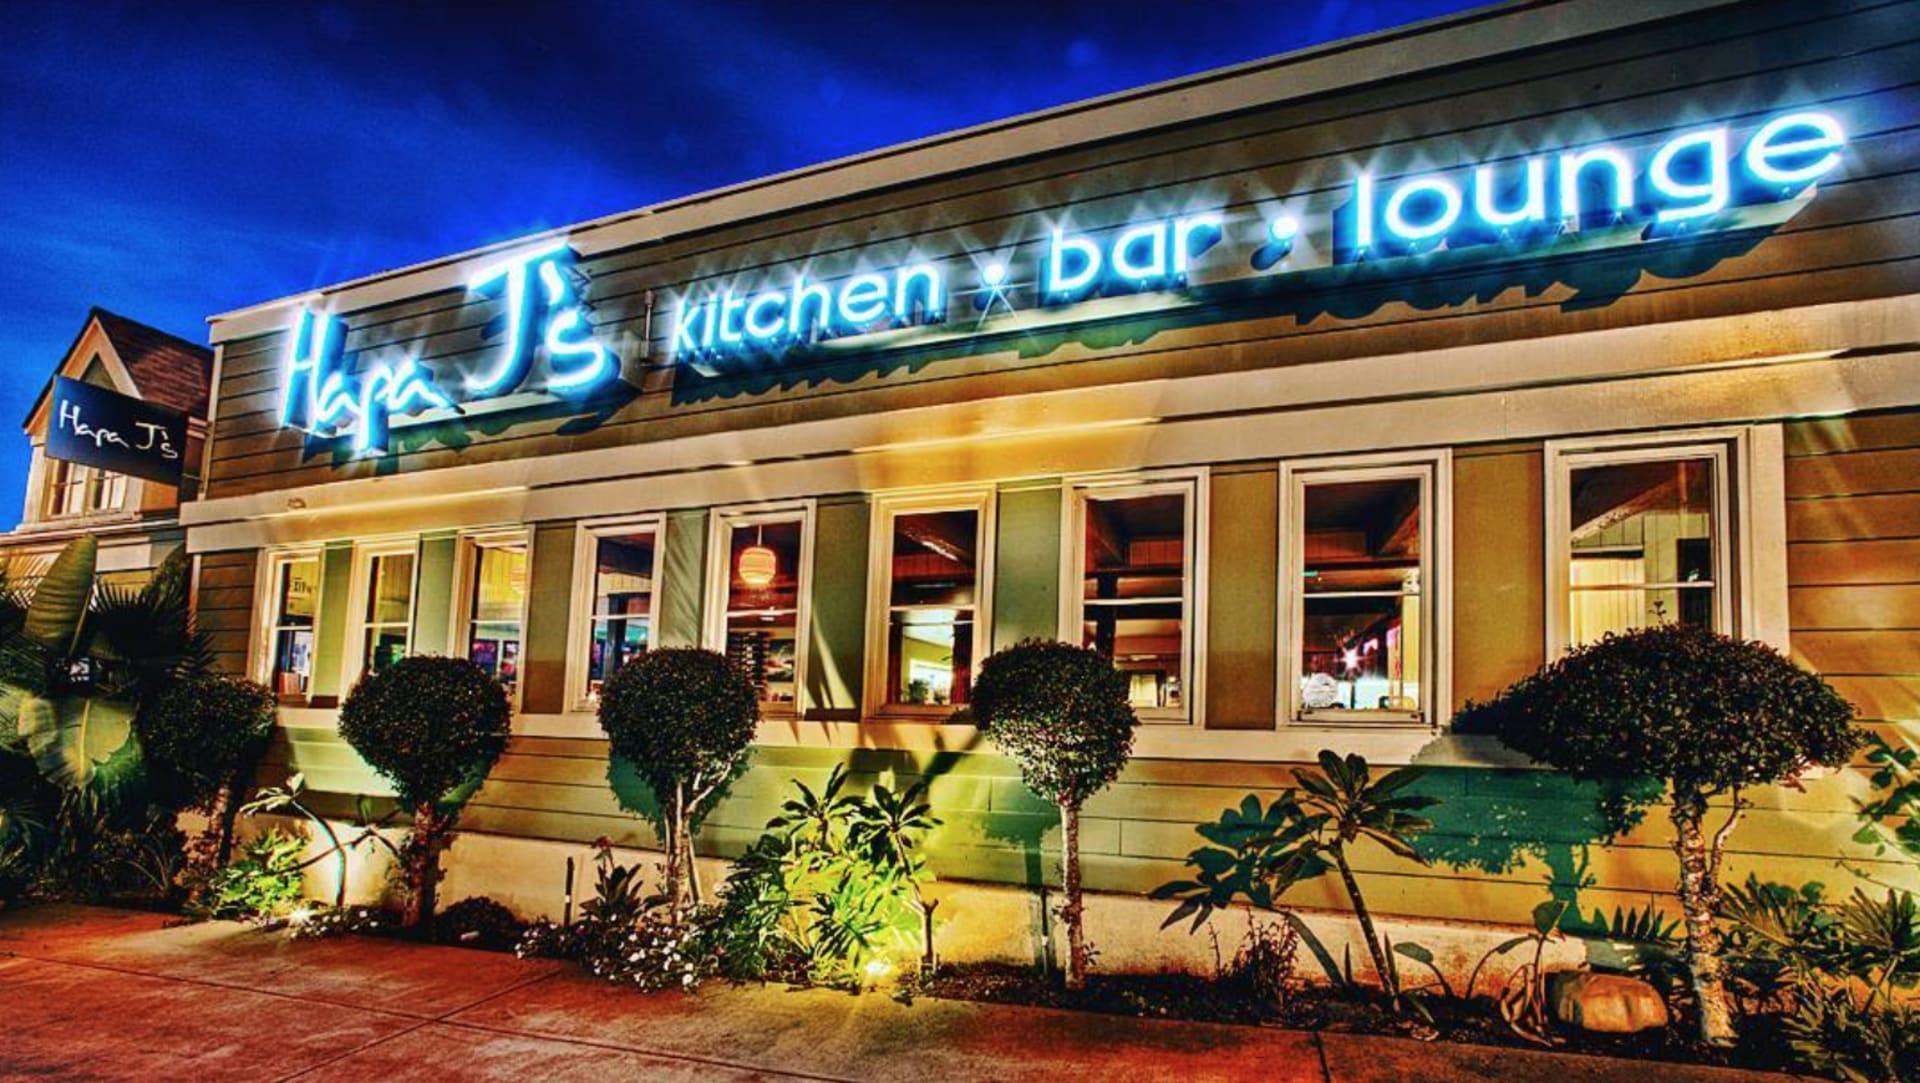 Kitchen. Bar. Lounge